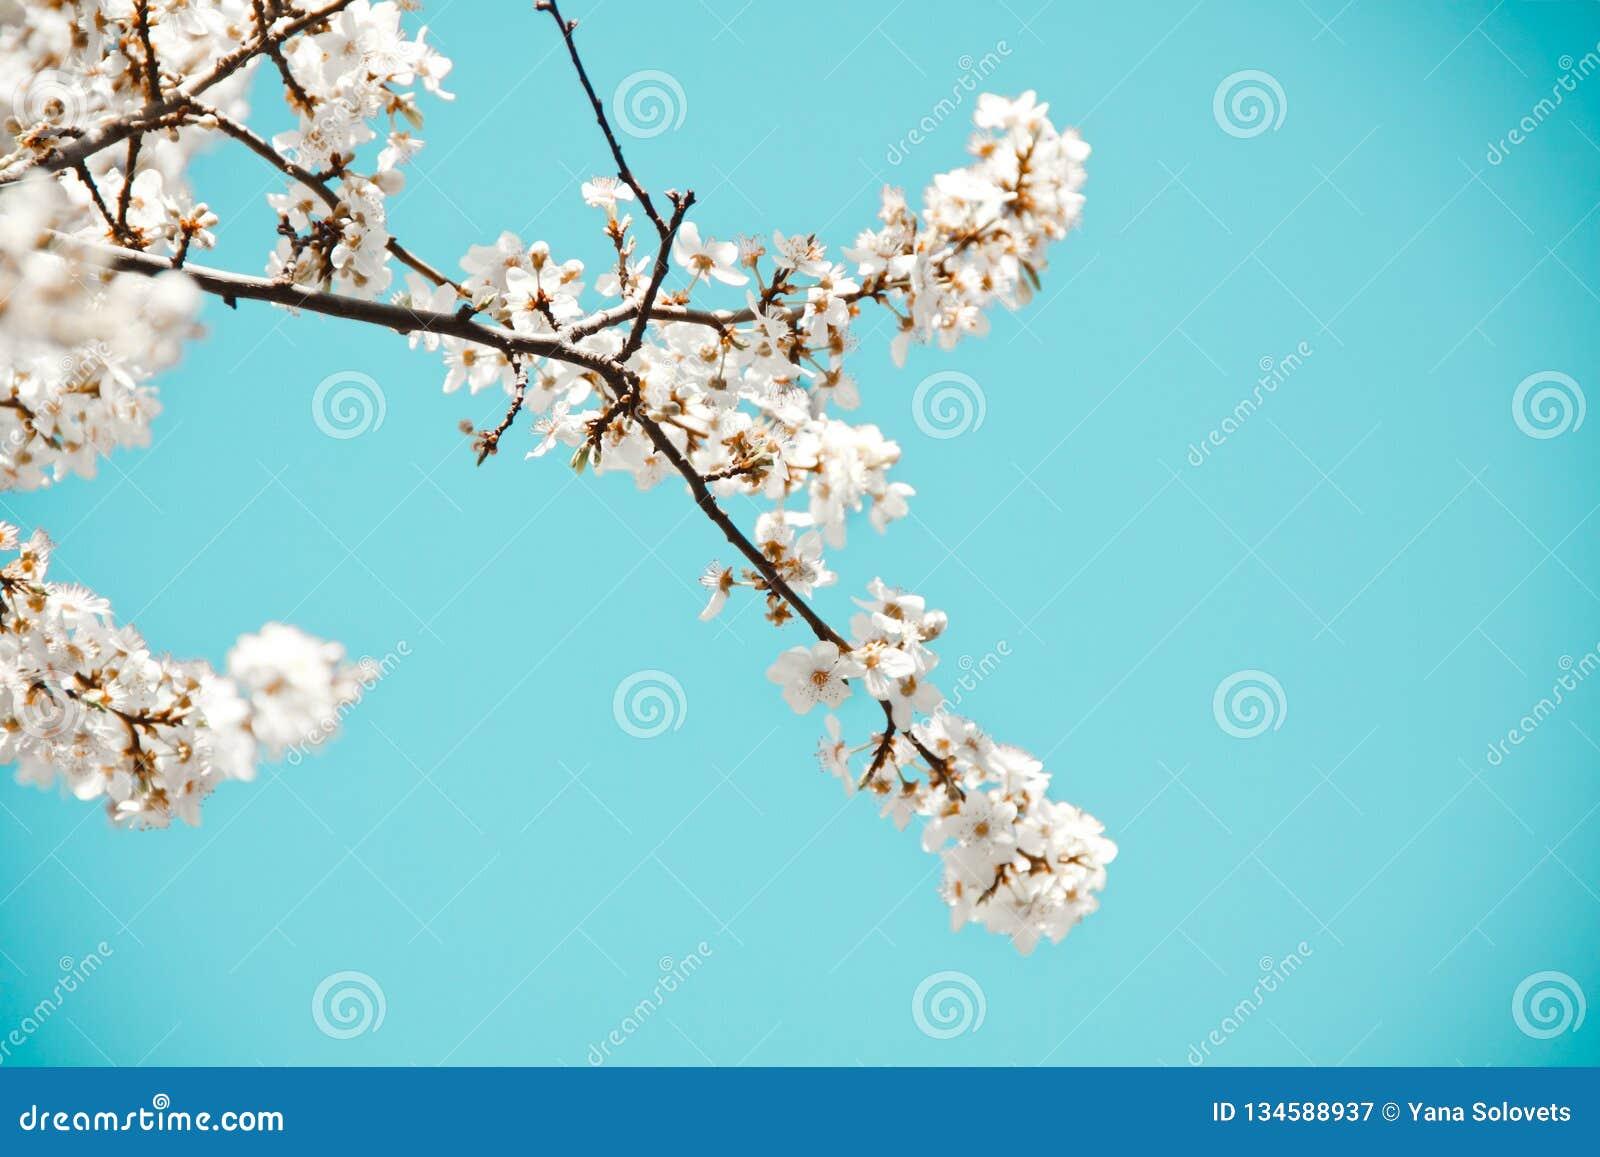 Modo da mola Fundo azul fresco com as flores de florescência brancas da cereja para os feriados